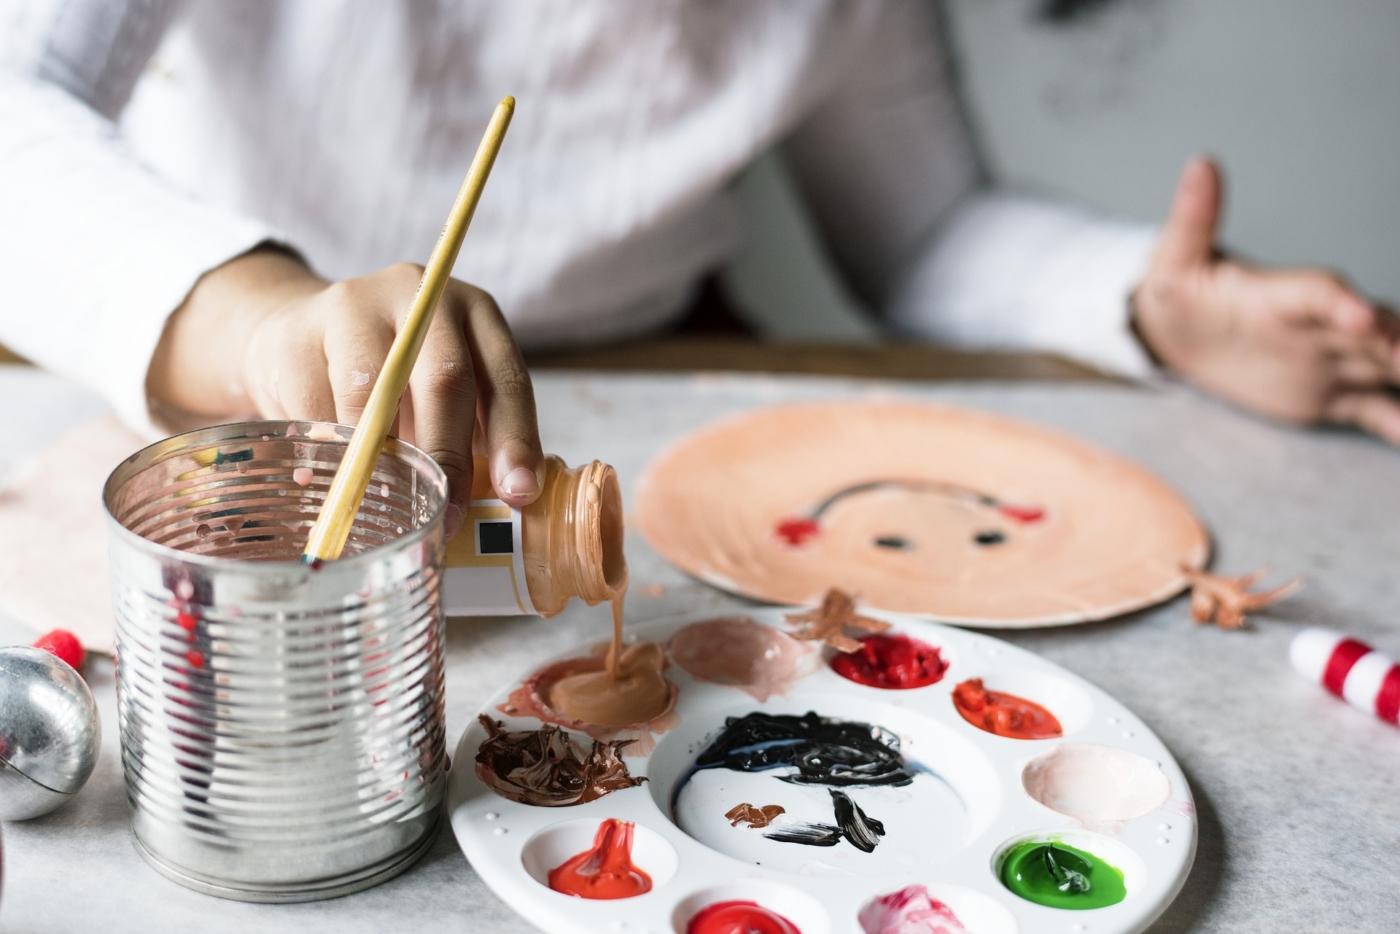 Primary school art